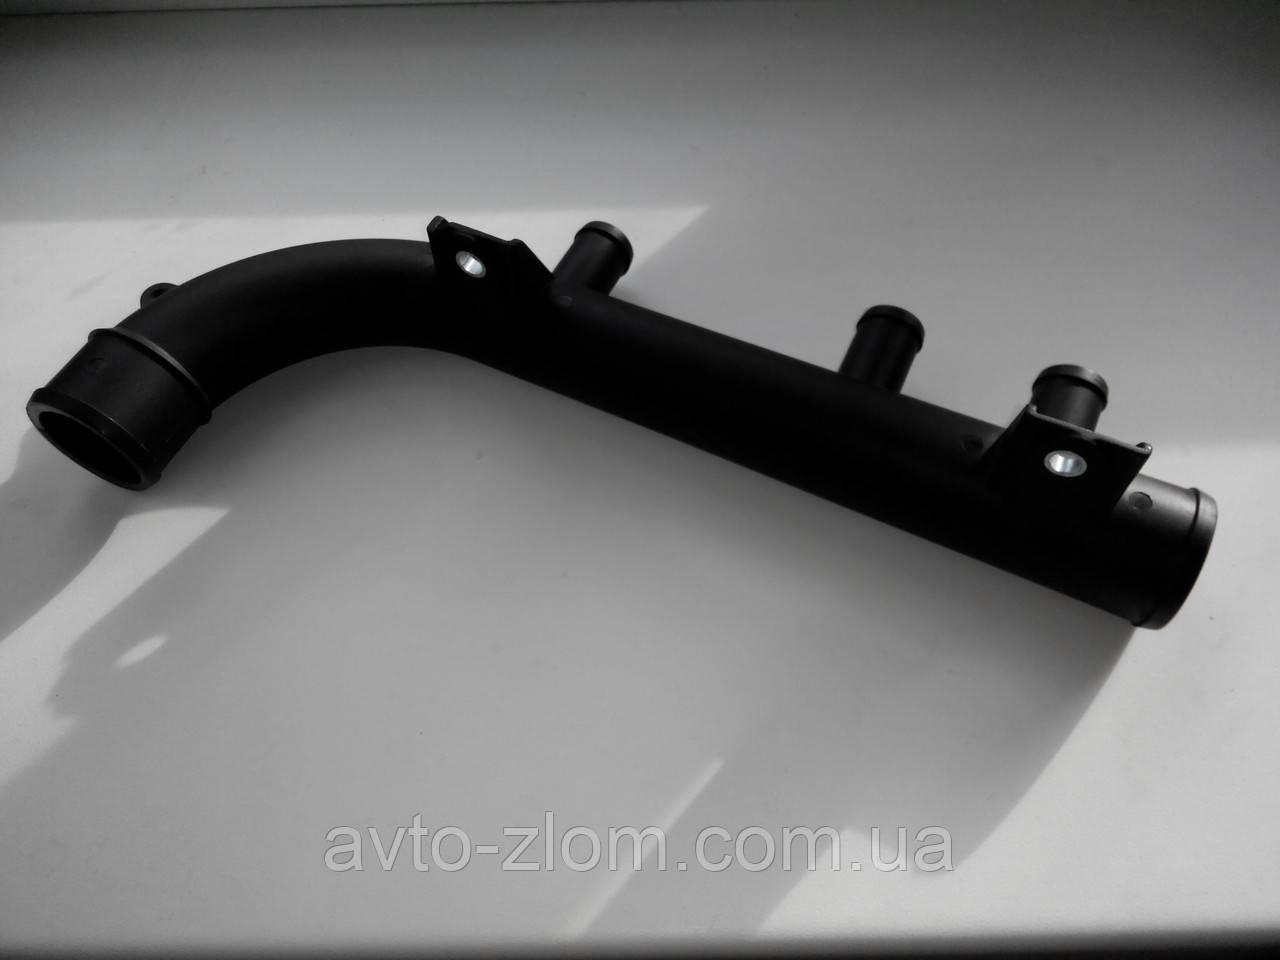 Патрубок системы охлаждения (саксофон) Opel Vectra A, Опель Вектра А 1,8 - 2,0.